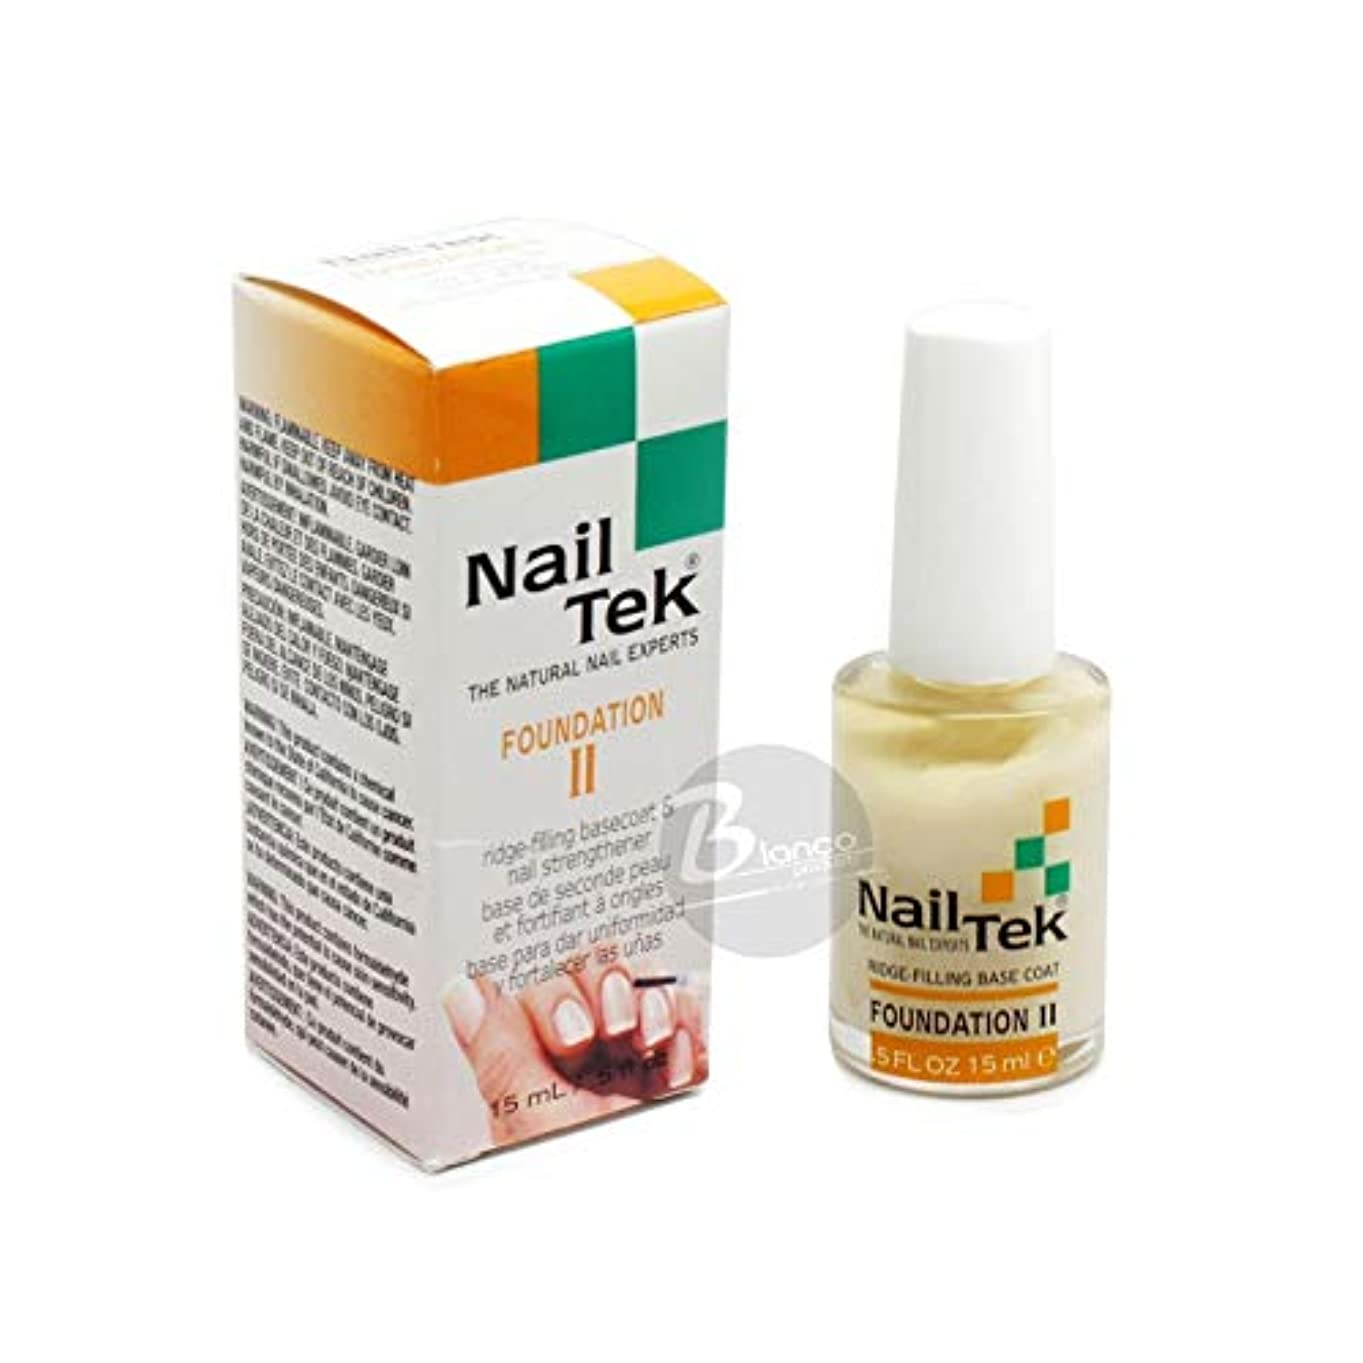 命令階段財産Nail Tek(ネイルテック) ファンデーション 15ml